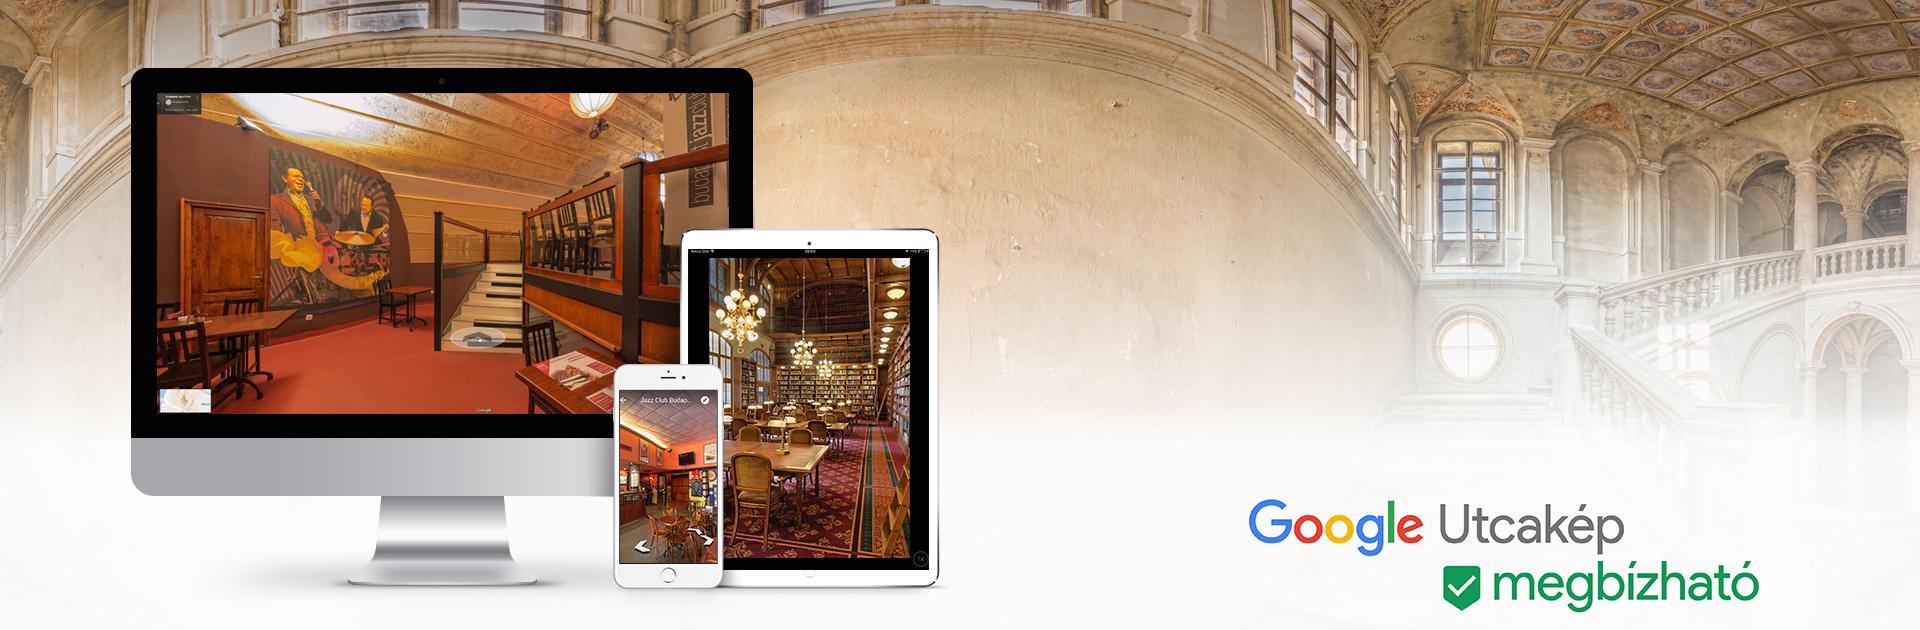 Google Utcakép megbízható fényképész